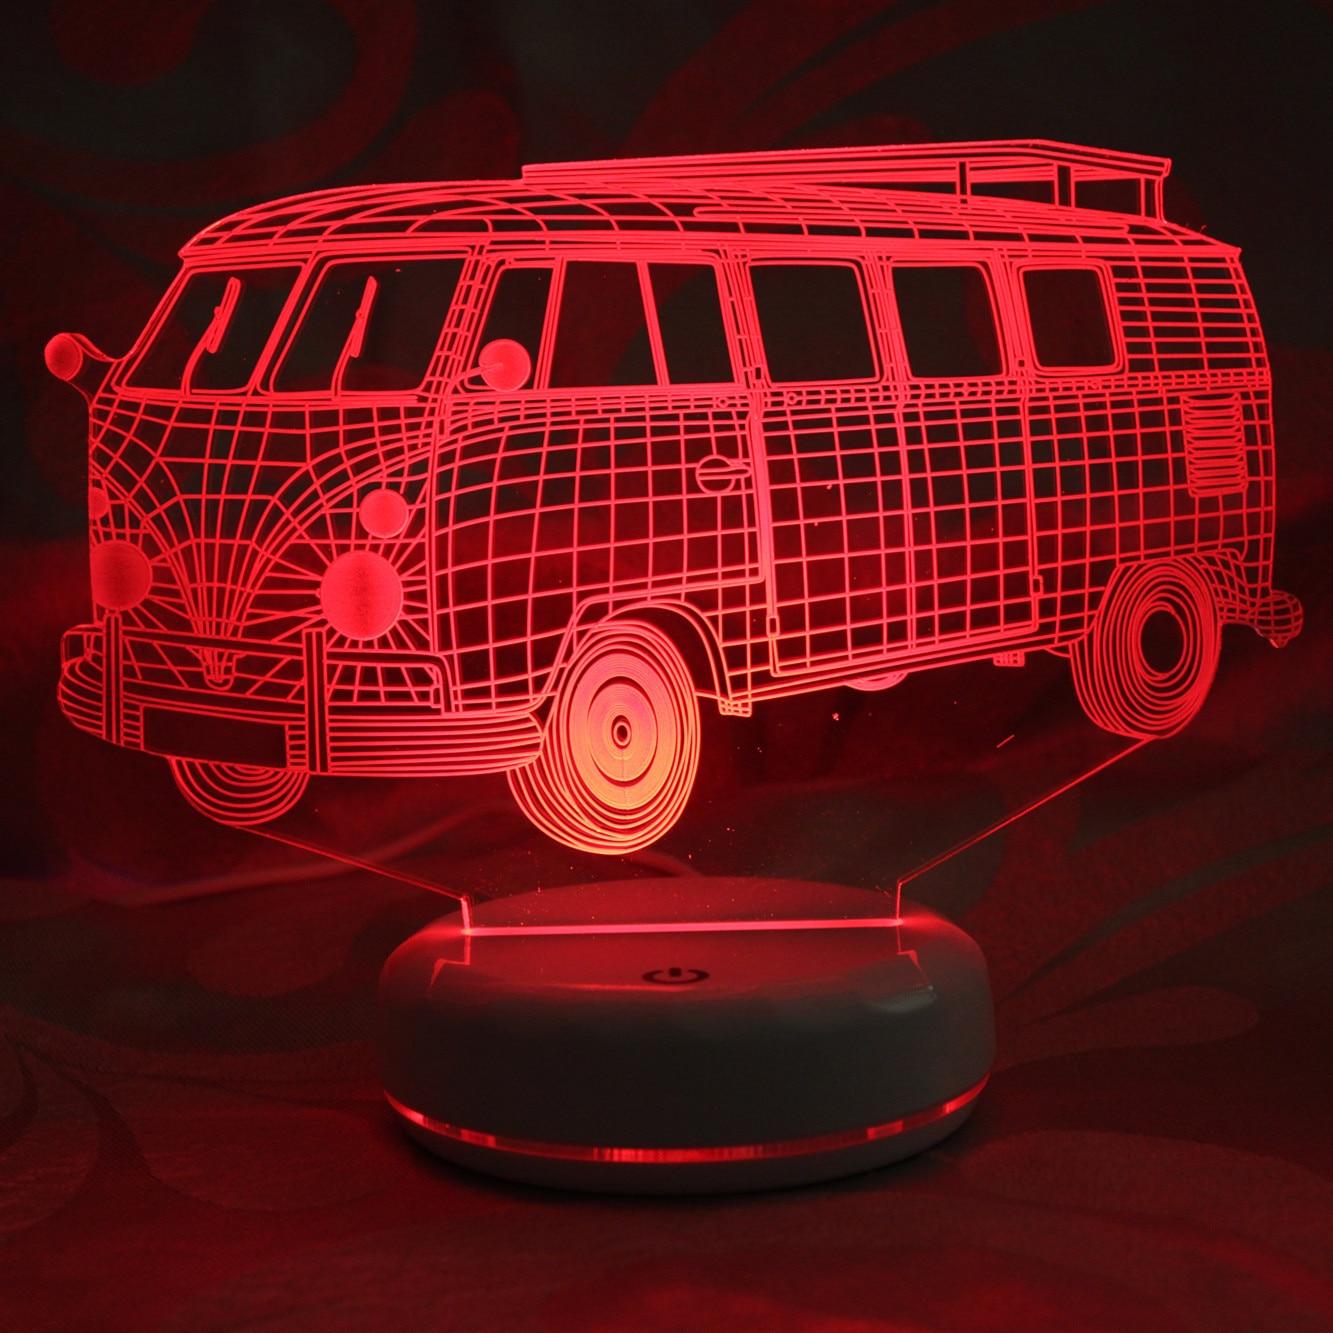 3d wizualne Illusion Lampa LED Camping data data powrotu (przezroczyste akrylowe światło nocne Led Lampa 7 zmienia kolor dotykowy Lampa stołowa domu wystrój